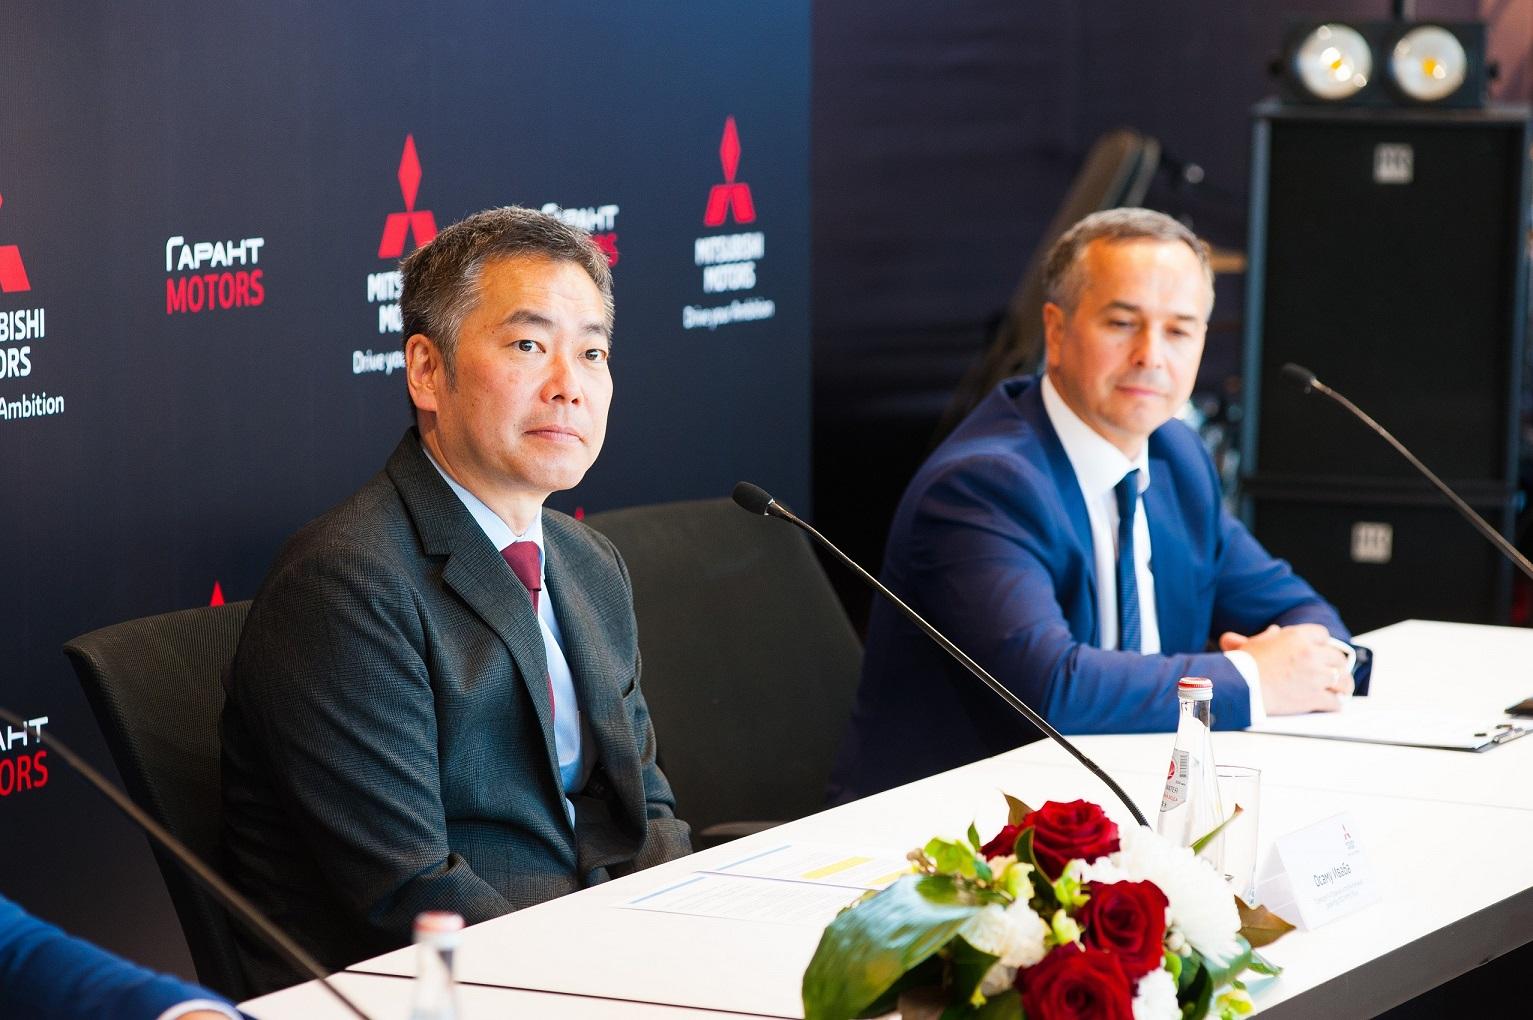 В Ижевске открылся первый дилерский центр Mitsubishi Motors в новом формате